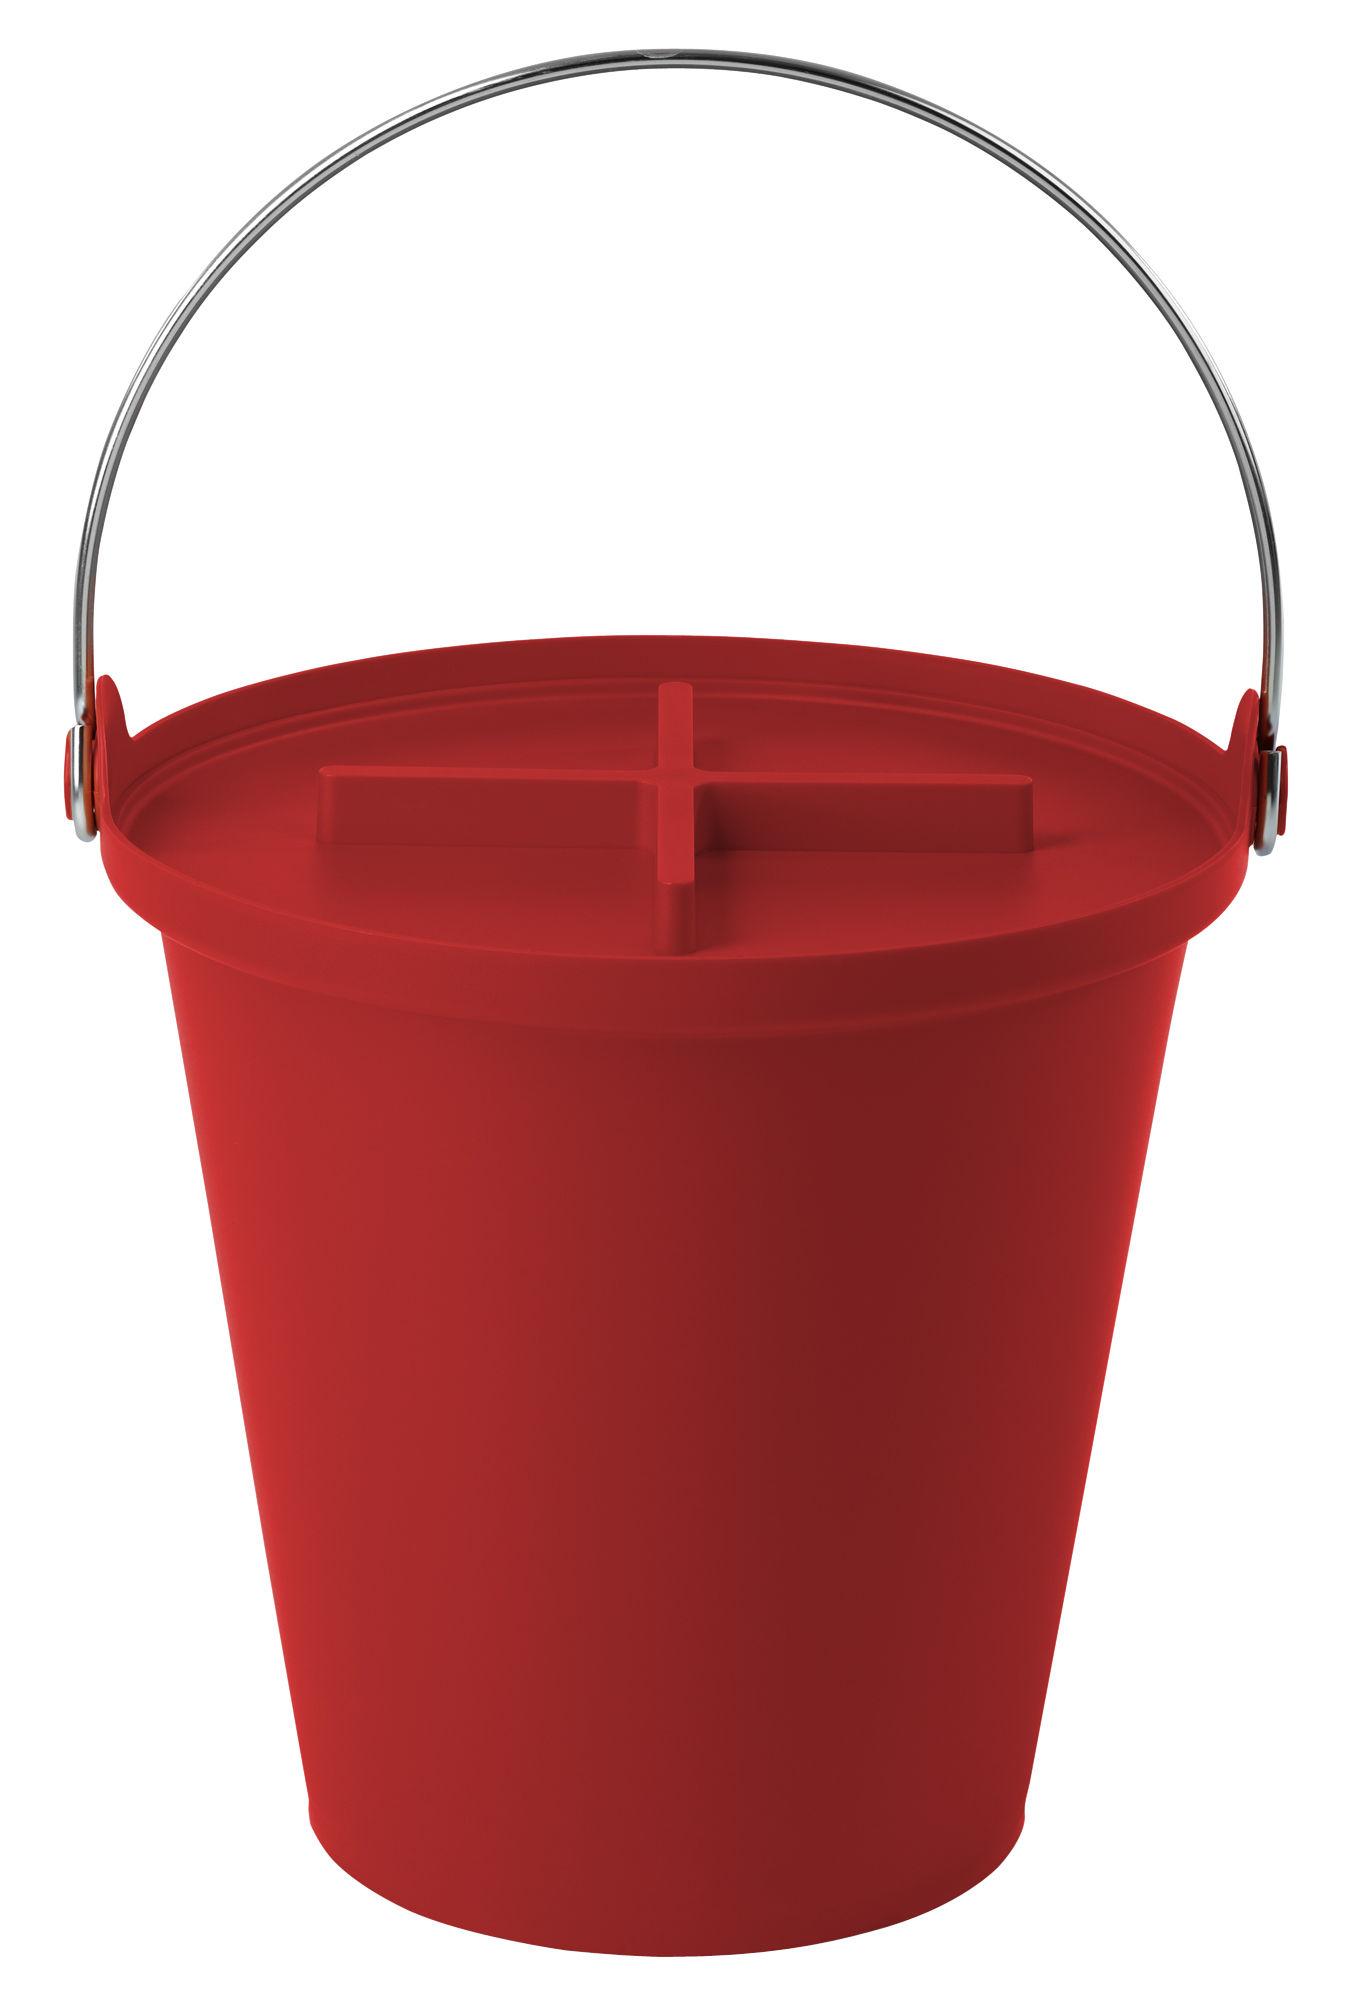 Interni - Bagno  - Pattumiera H2O di Authentics - Rosso - Metallo, Polipropilene